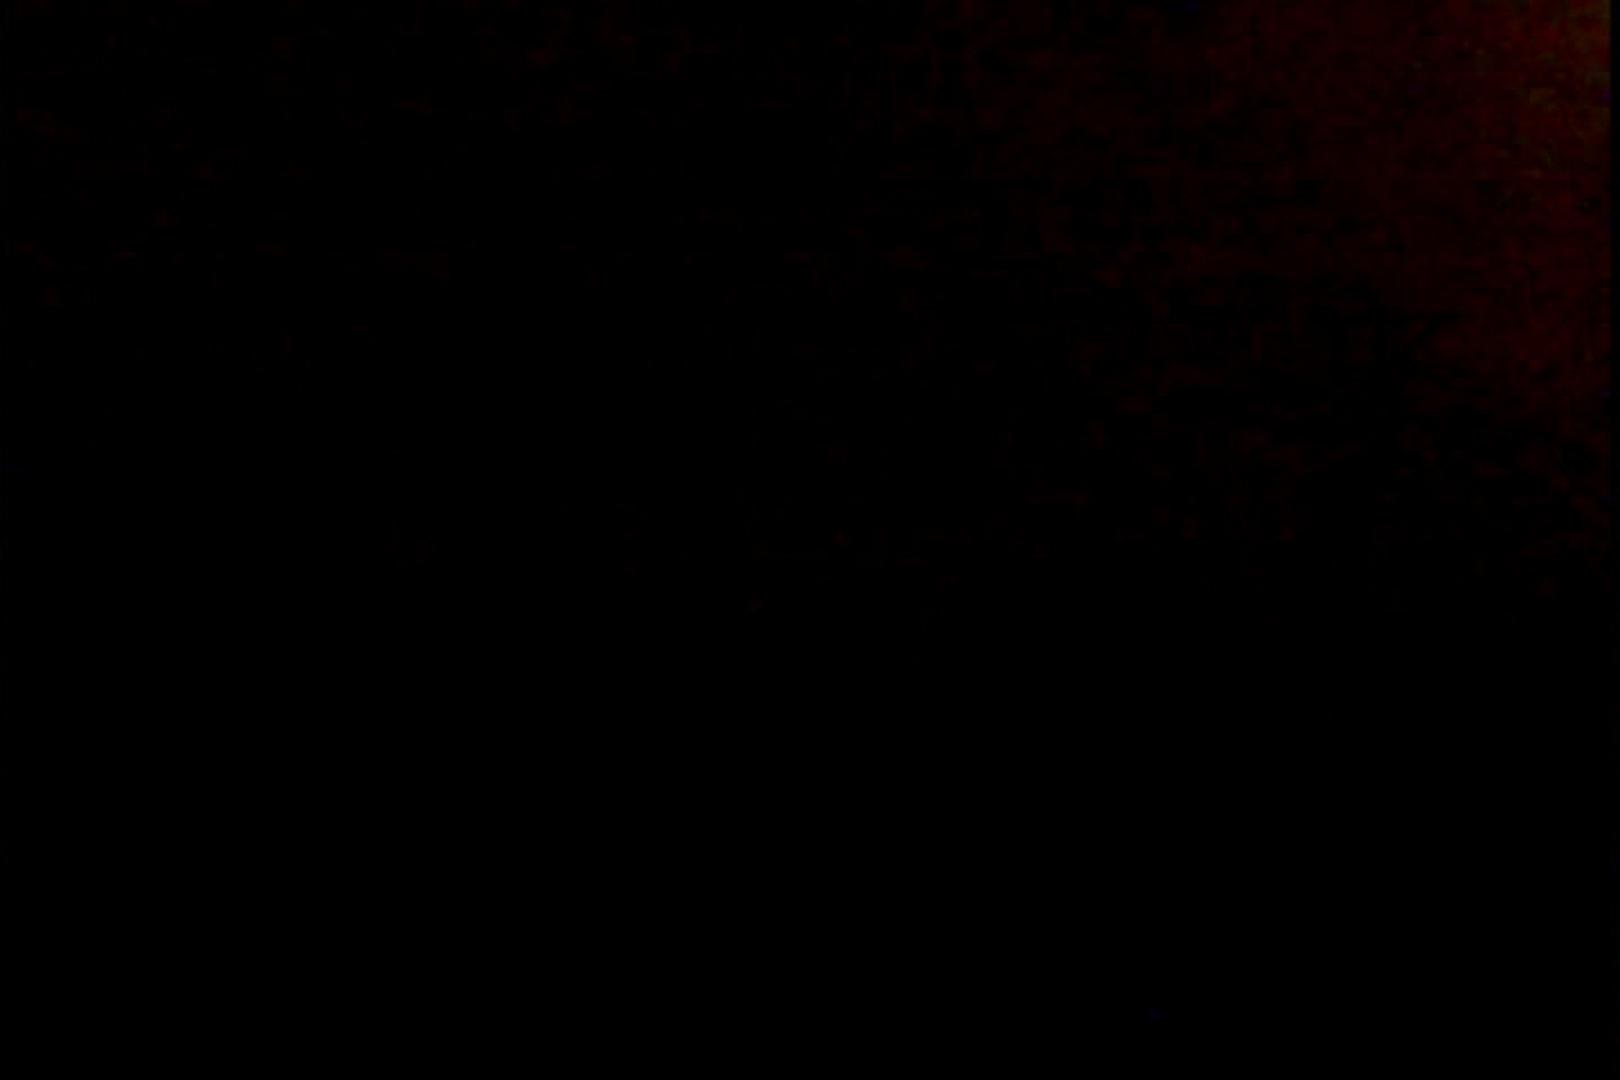 亀さんかわや VIPバージョン! vol.35 黄金水 ヌード画像 66連発 59